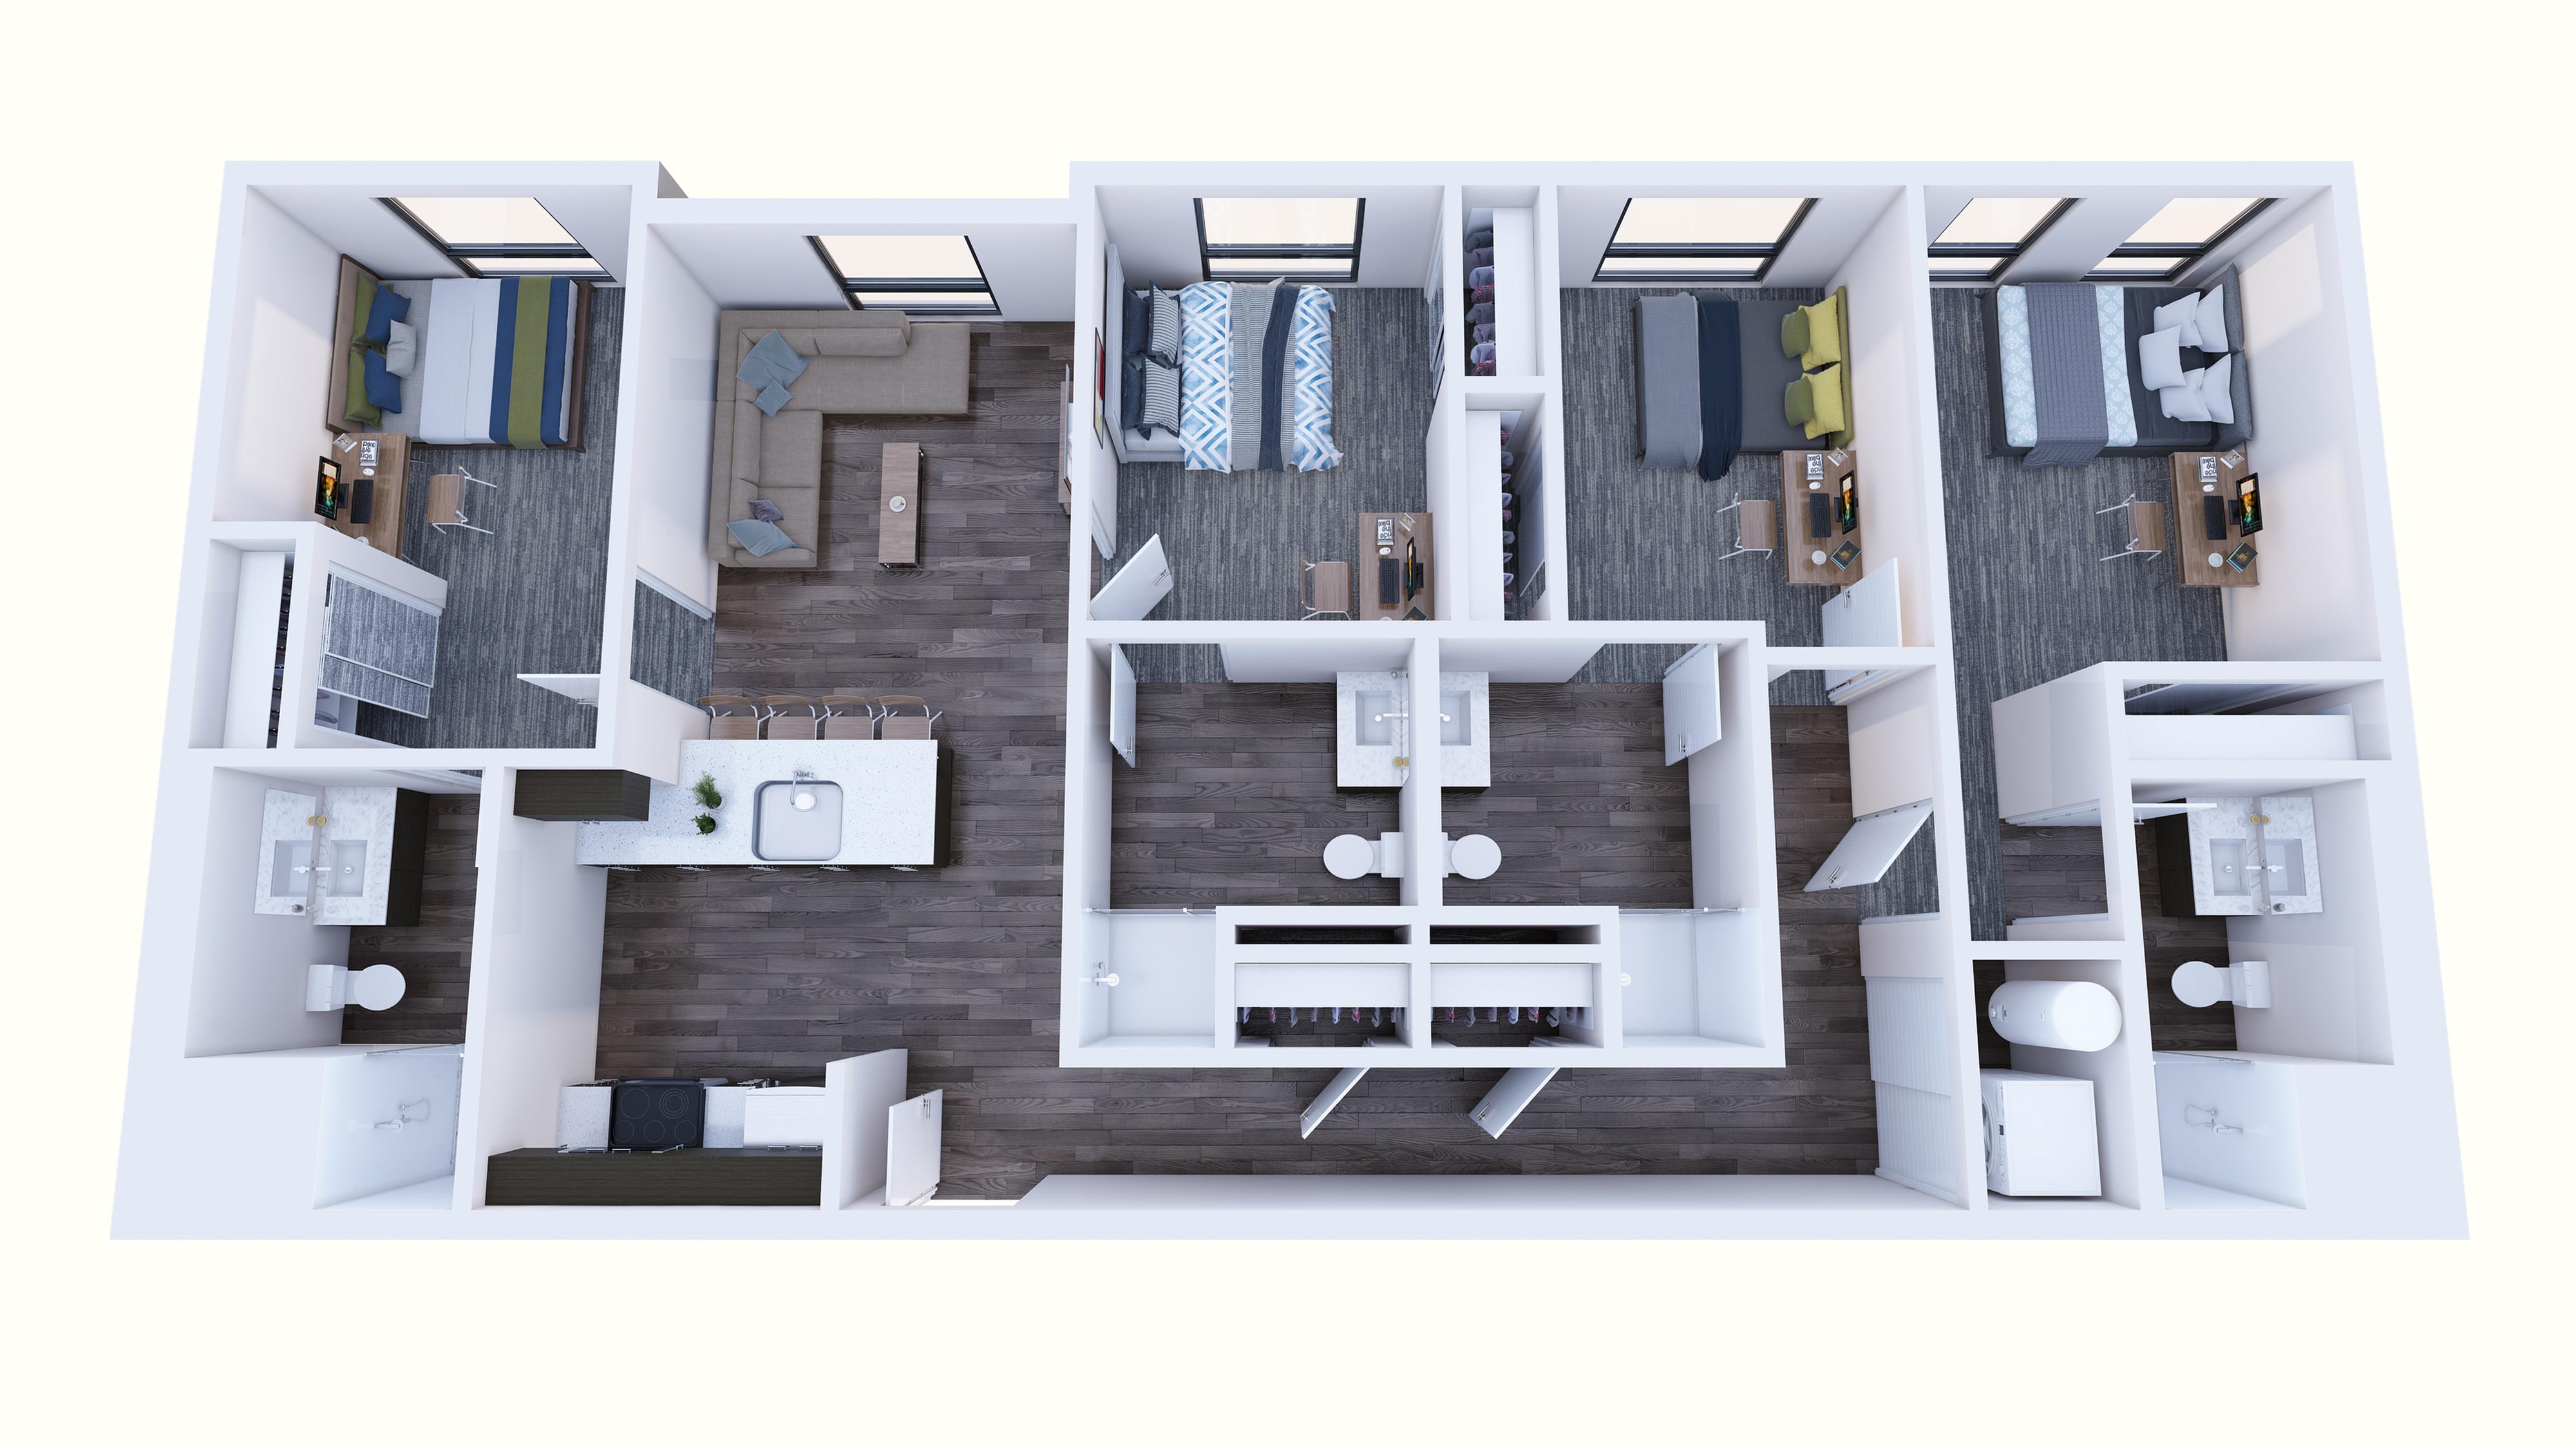 4x4 Balcony - One left